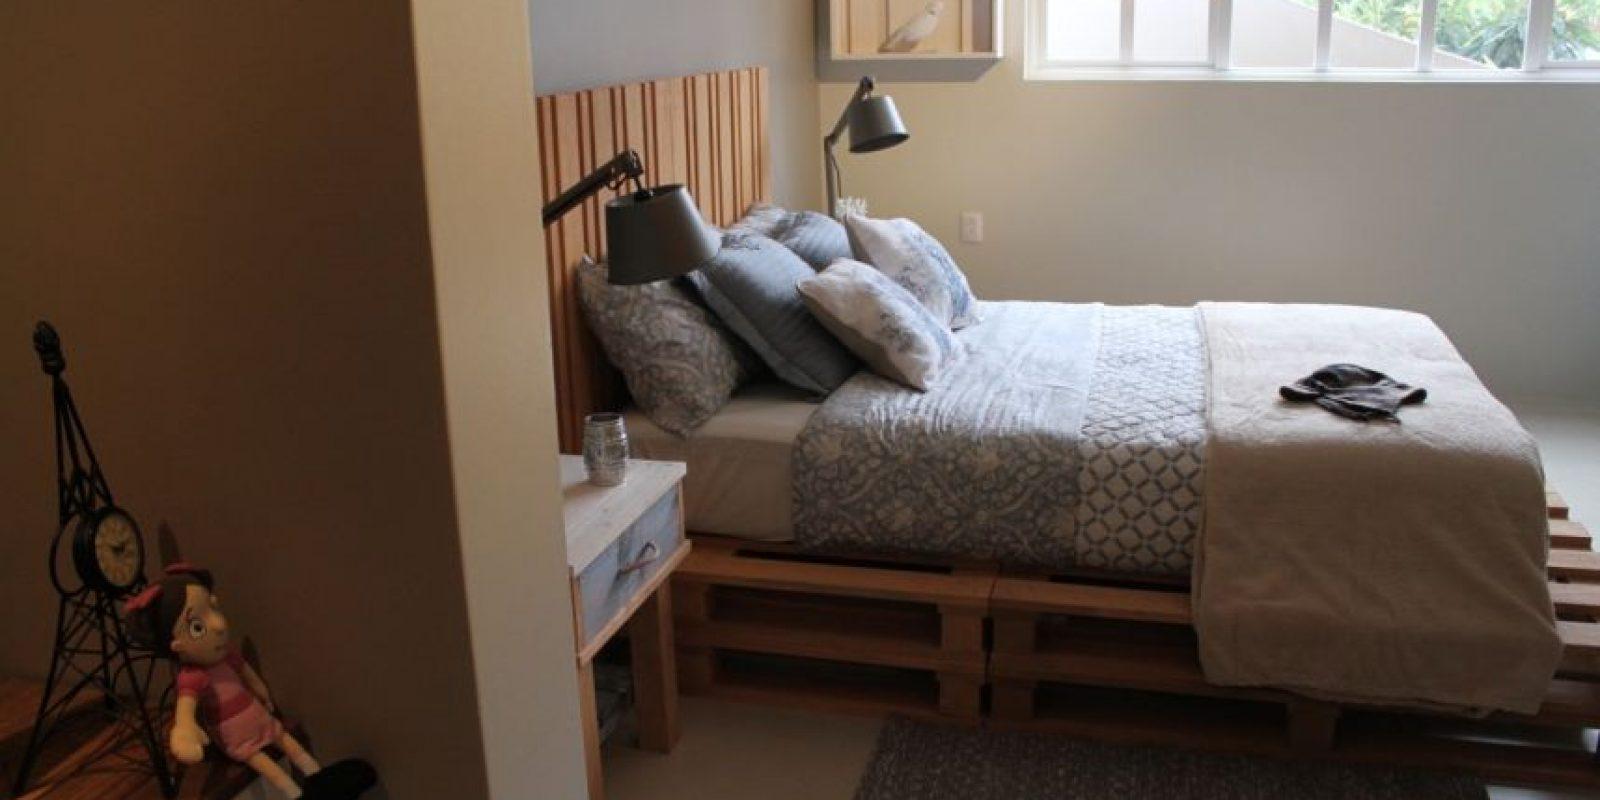 La cama donde dormirán los ganadores de Airbnb. Foto:Nicolás Corte